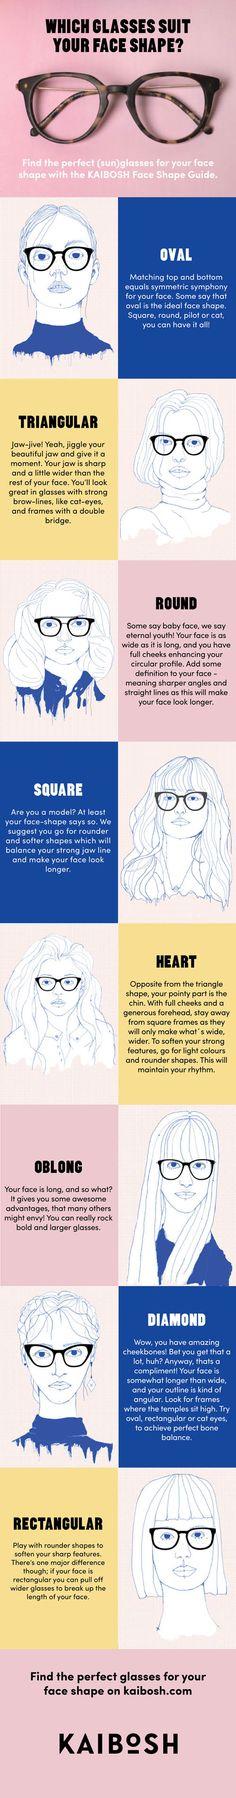 KAIBOSH | Face Shape Guide for Glasses | Shop glasses now on www.kaibosh.com